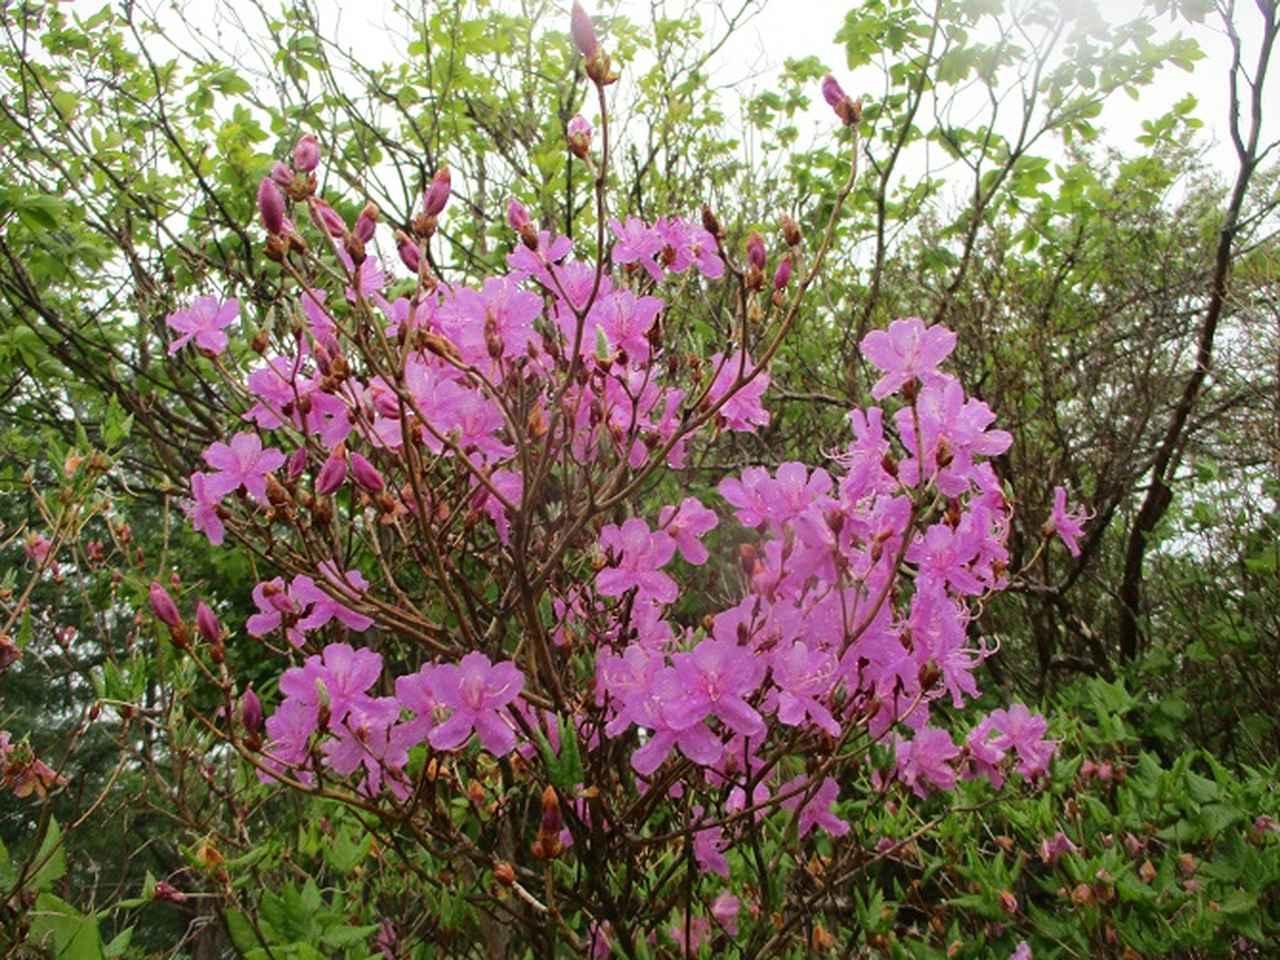 画像7: 岡田ガイドのコースで、山梨県のツツジで有名な 甘利山 へ行ってきました♪